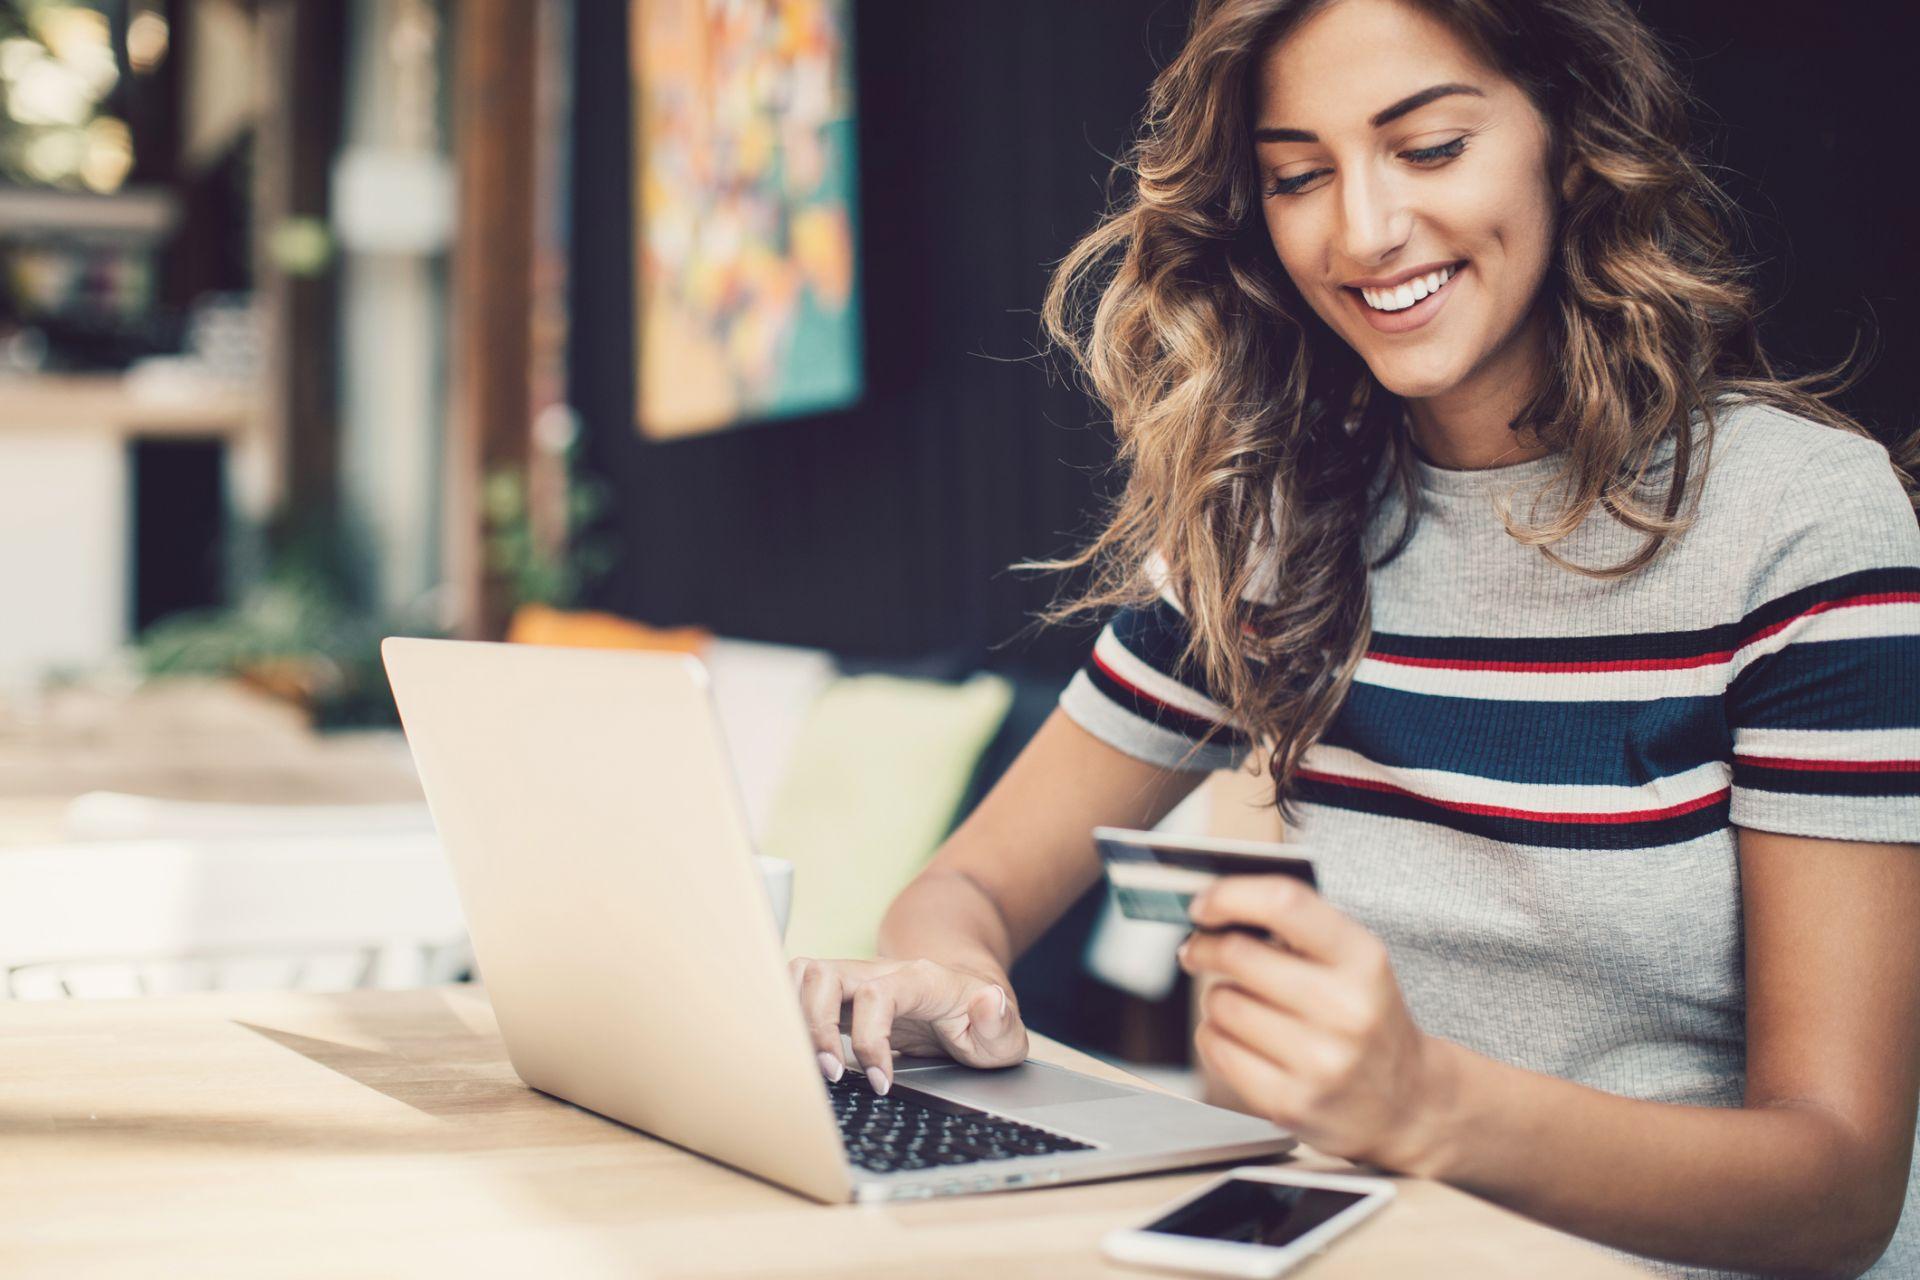 Комфортна дистанция и бърза процедура, която ви спестява време - онлайн пазаруването, разбира се